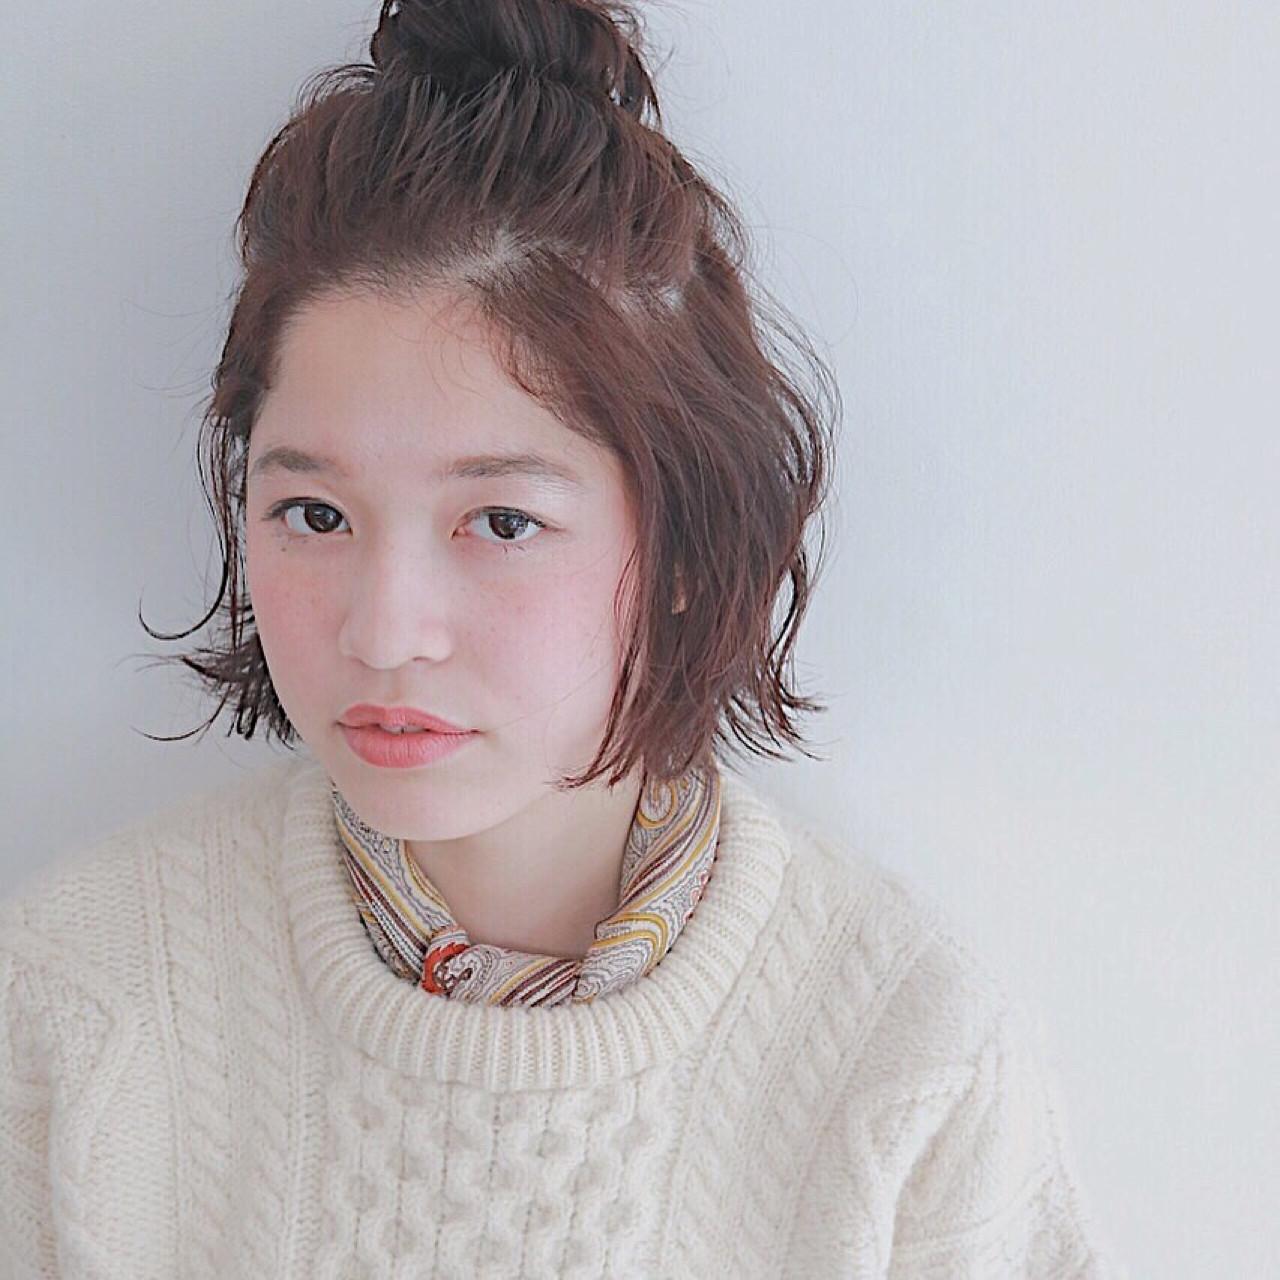 前髪無しボブのハーフアップお団子 青柳枝里香 | ecouter.